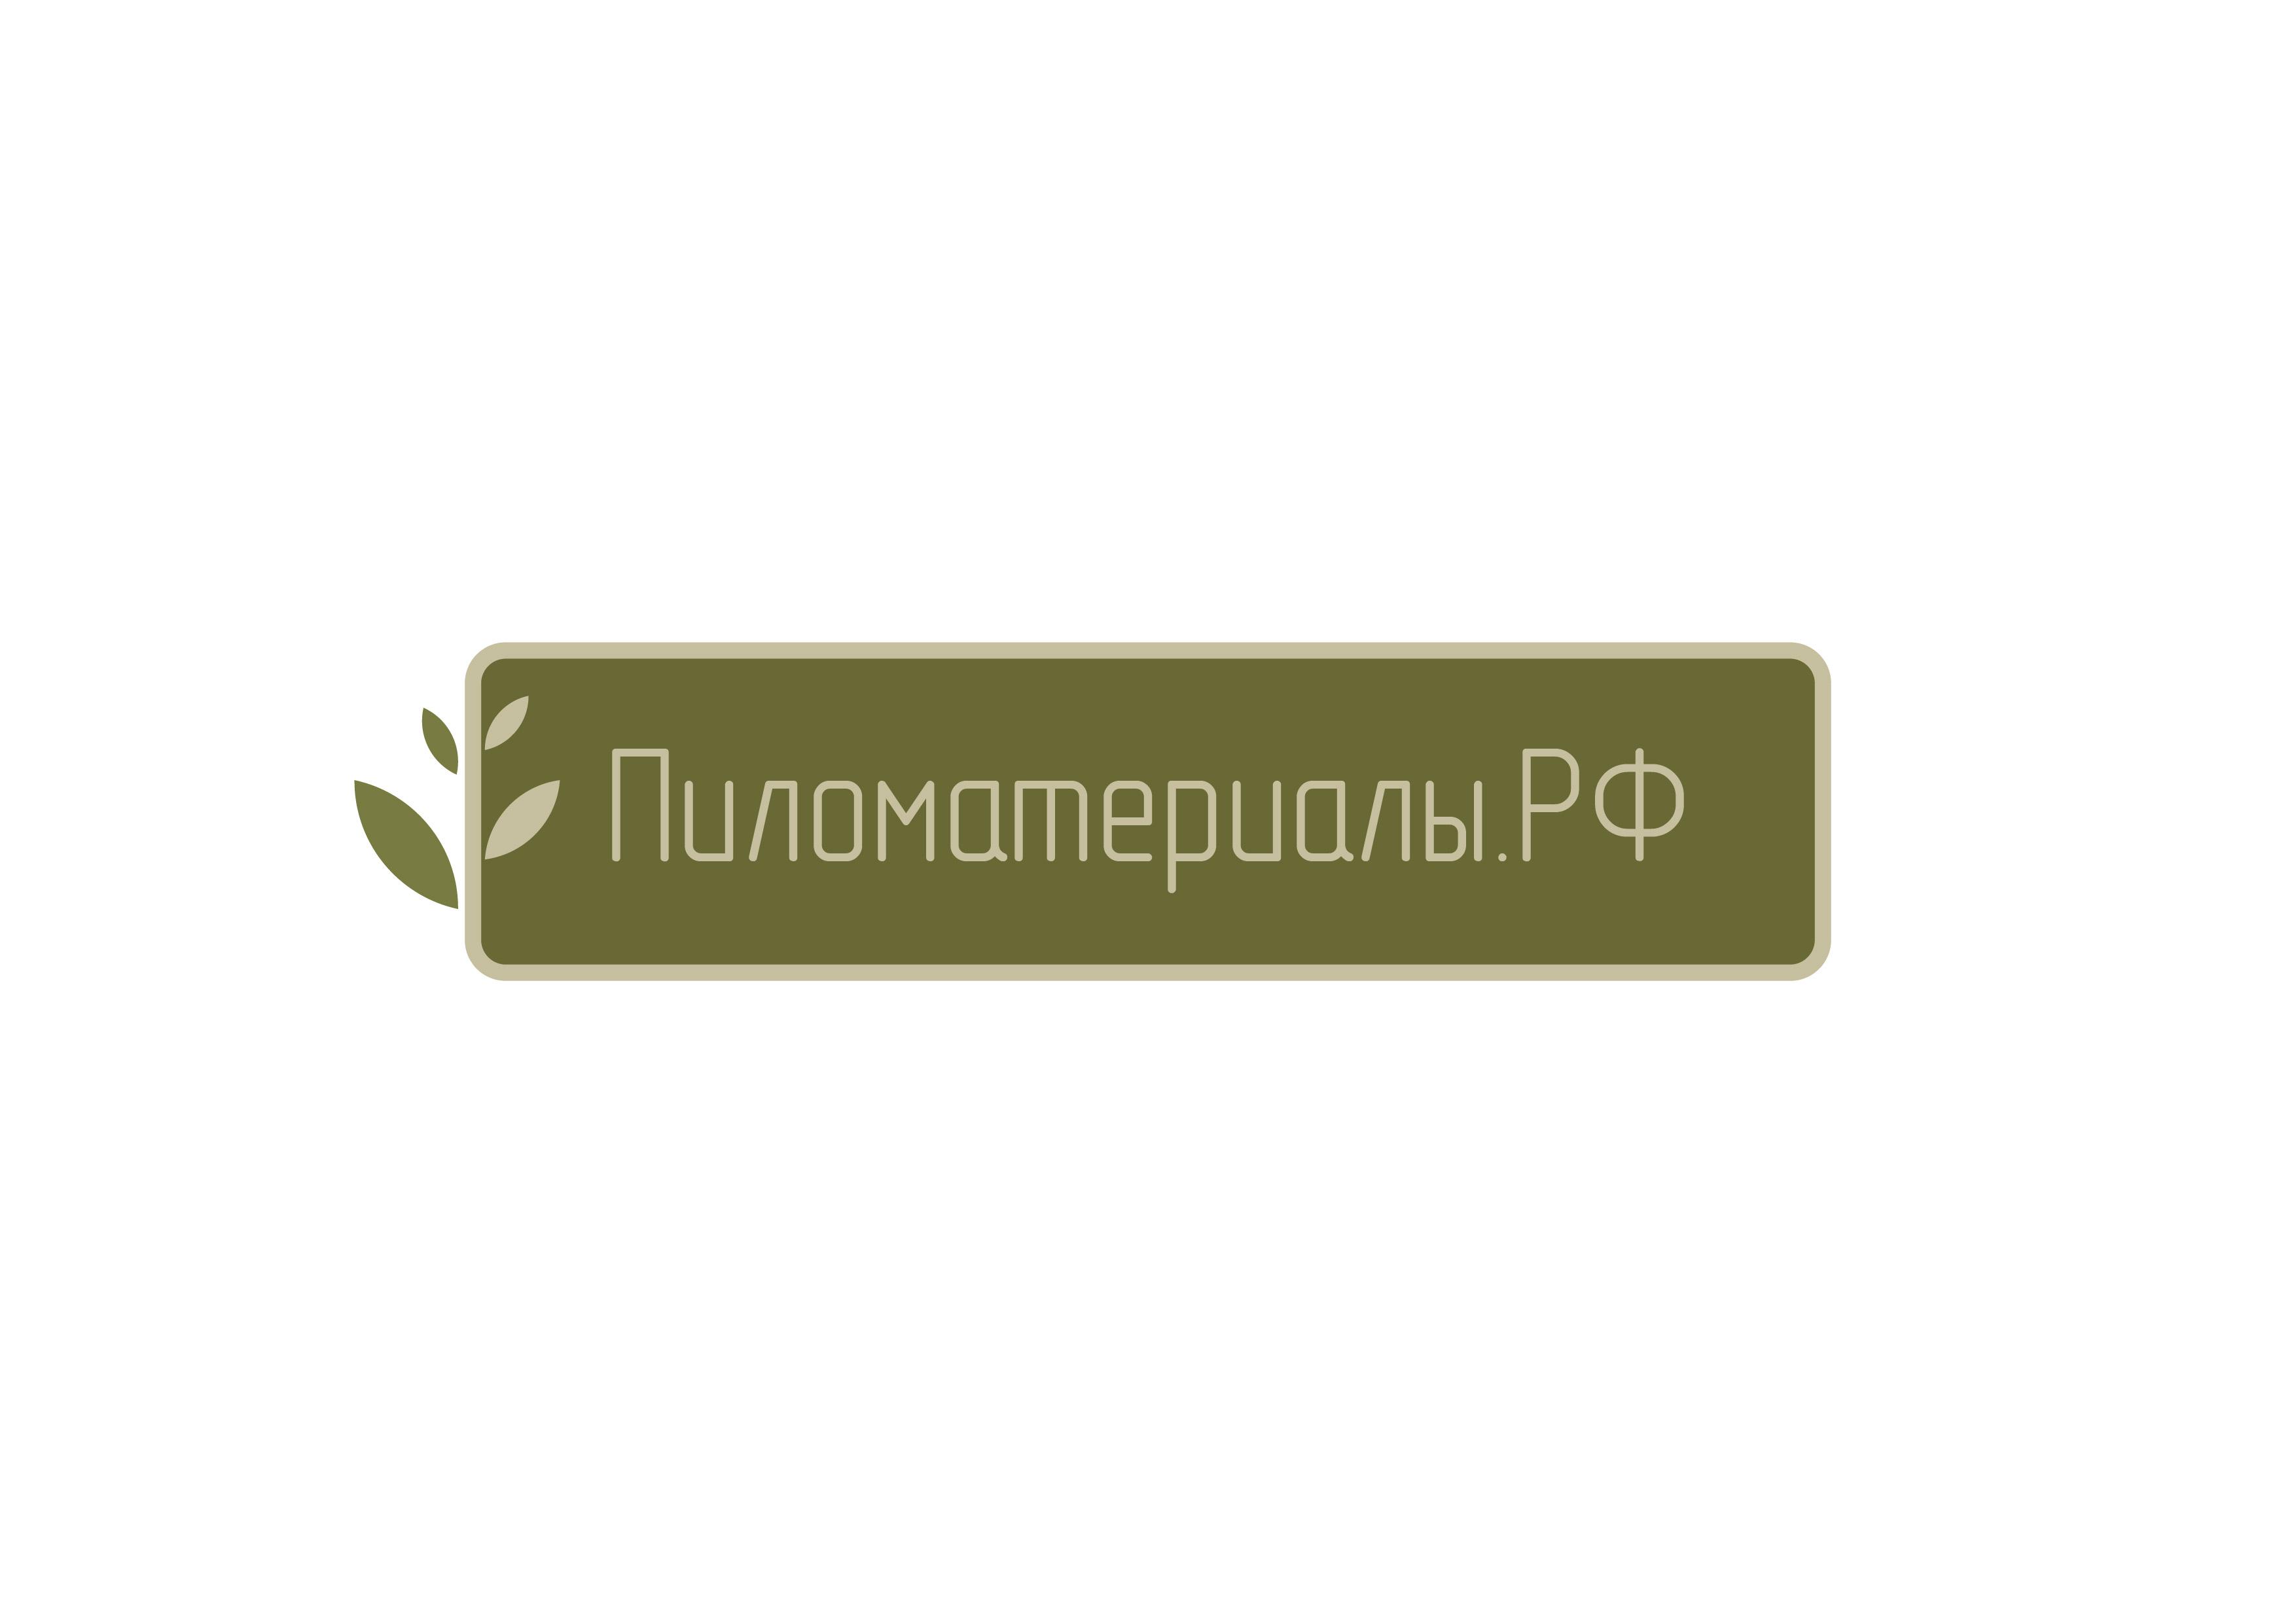 """Создание логотипа и фирменного стиля """"Пиломатериалы.РФ"""" фото f_79752f9e162bcedd.jpg"""